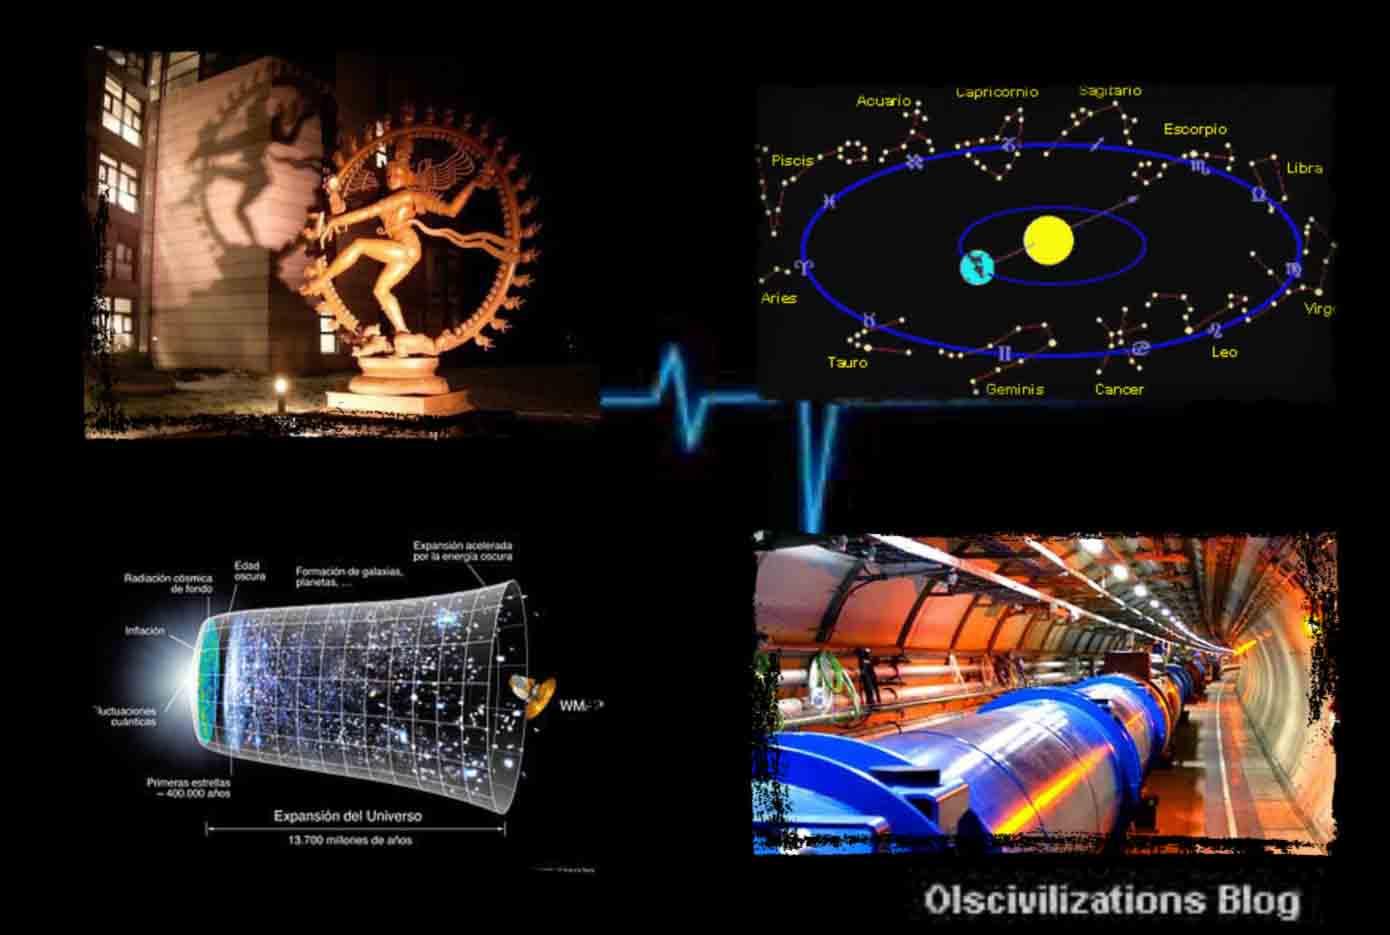 Resultado de imagen de Hace ya mucho tiempo que, lo que hoy llaman en campo de Higgs, fue descubierto en la India